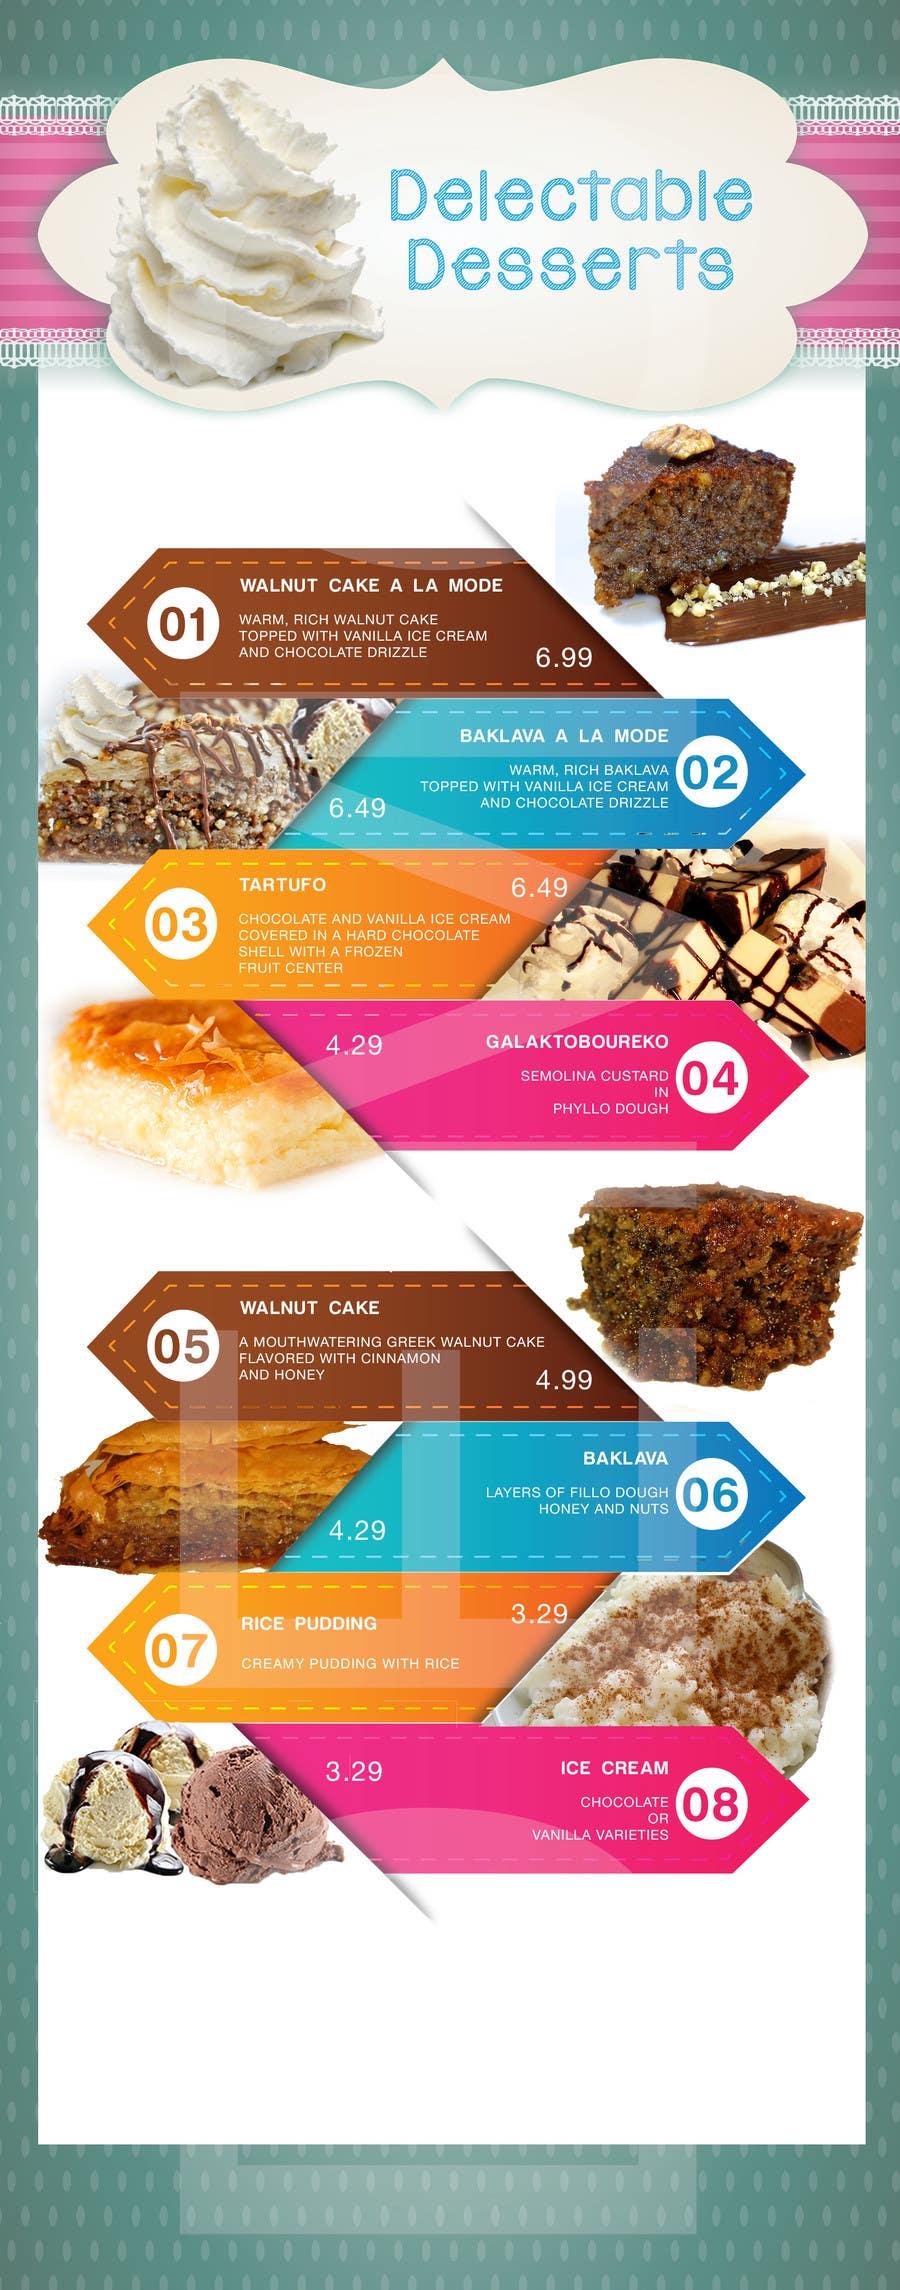 Konkurrenceindlæg #                                        2                                      for                                         Design a Dessert Menu for Mykonos Greek Restautant